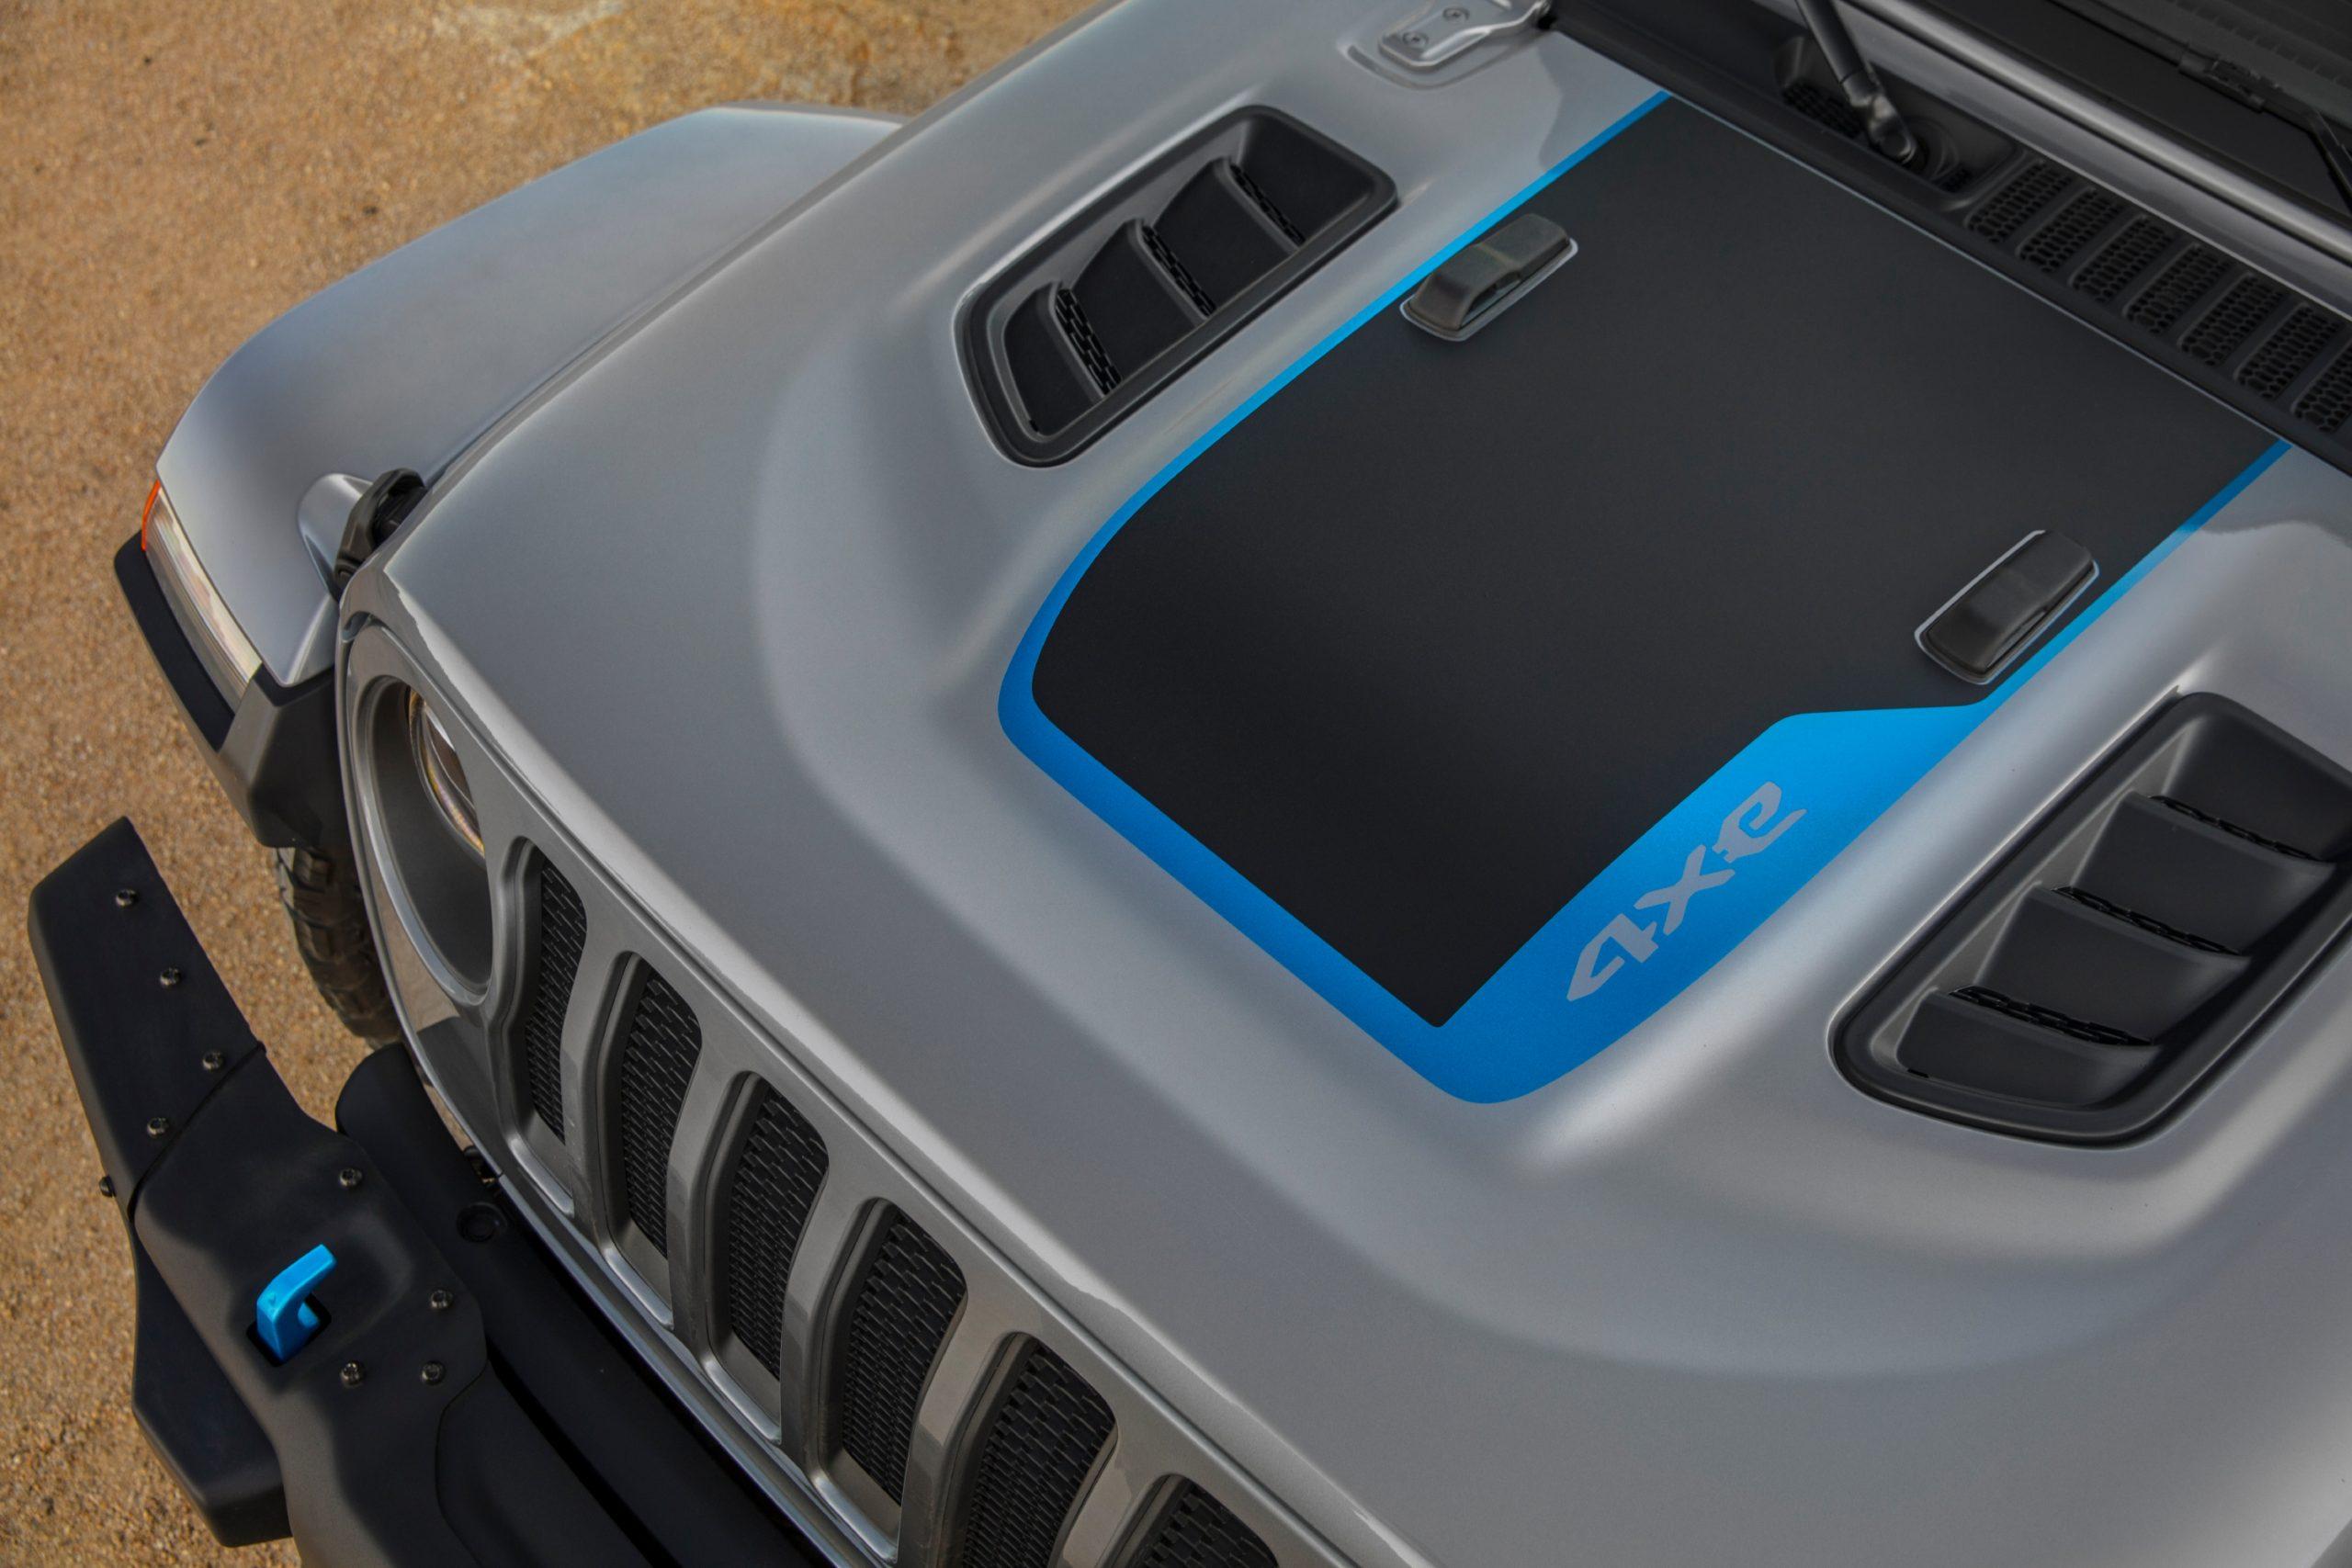 Novo Jeep Wrangler 4xe Chega Para Completar A Linha Global De Veiculos Eletricos Da Marca Carpoint News